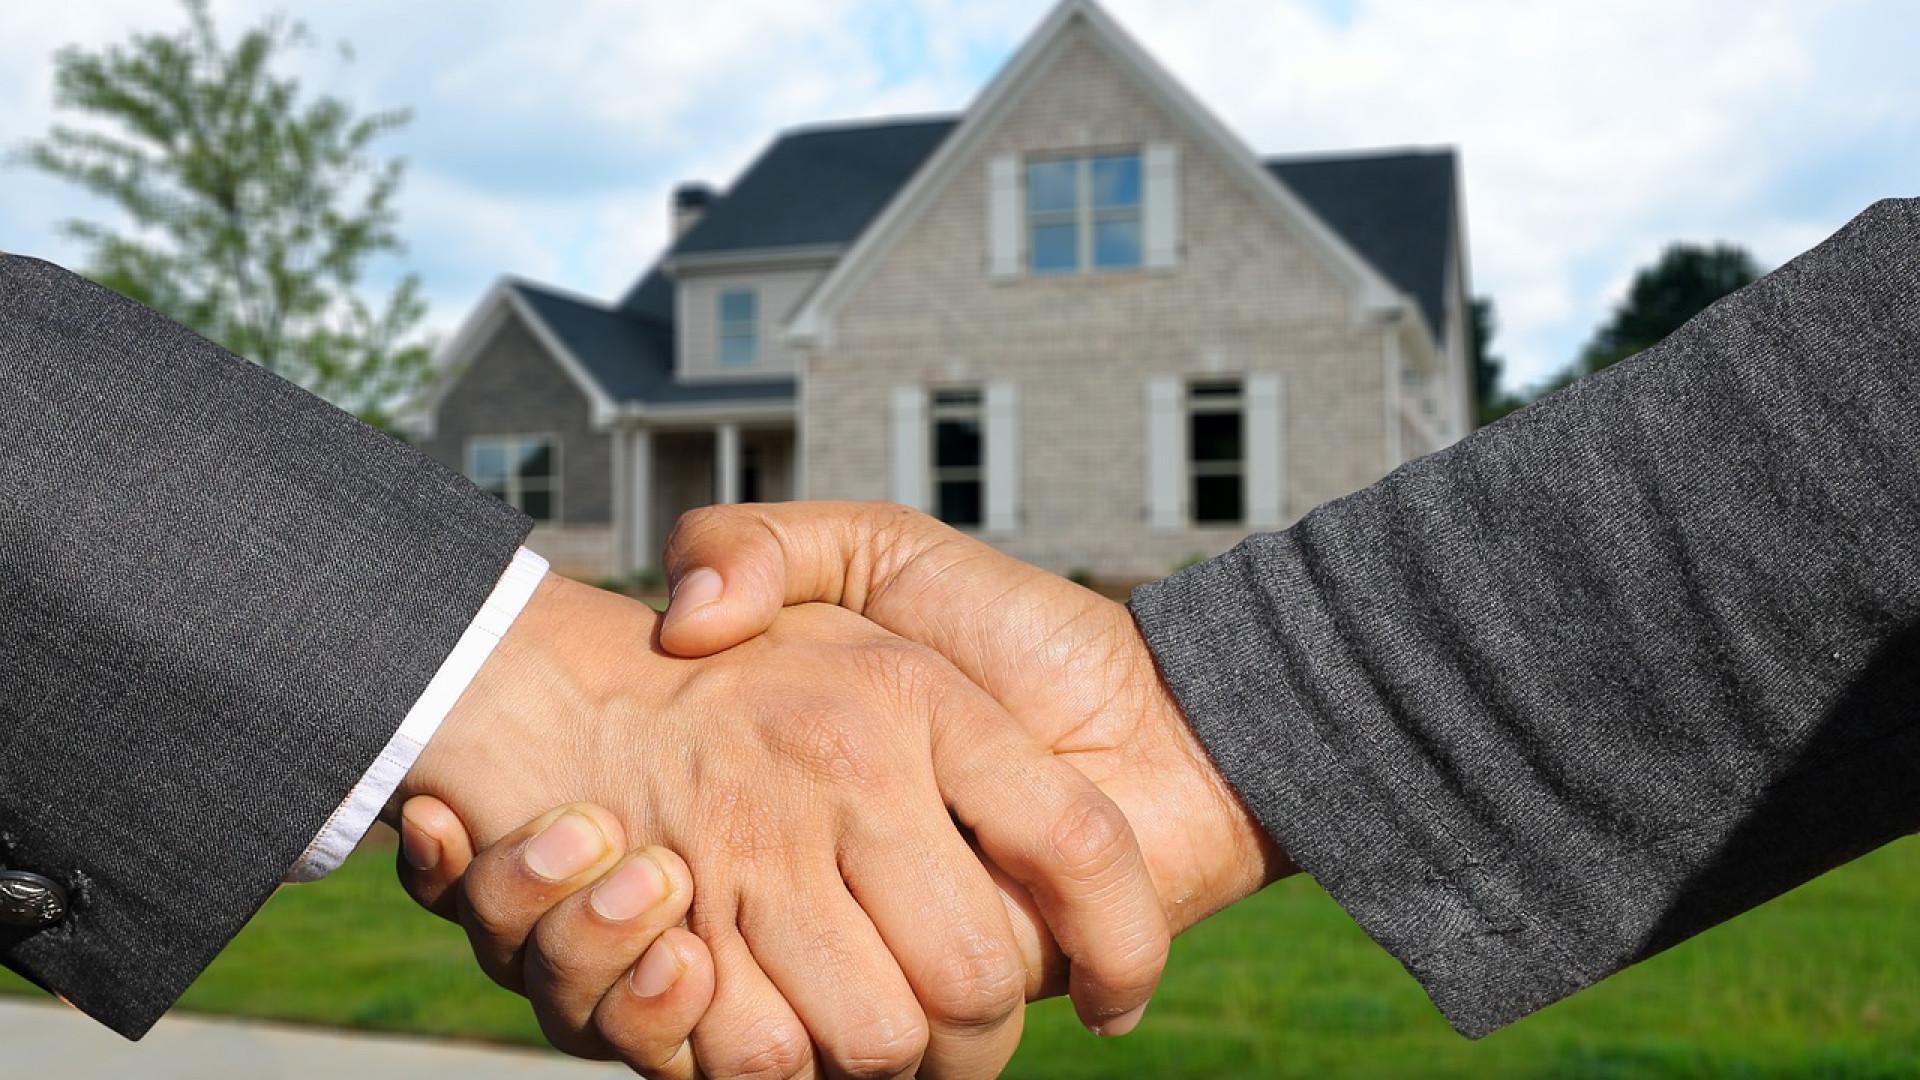 Investissement immobilier : les avantages de contacter un promoteur